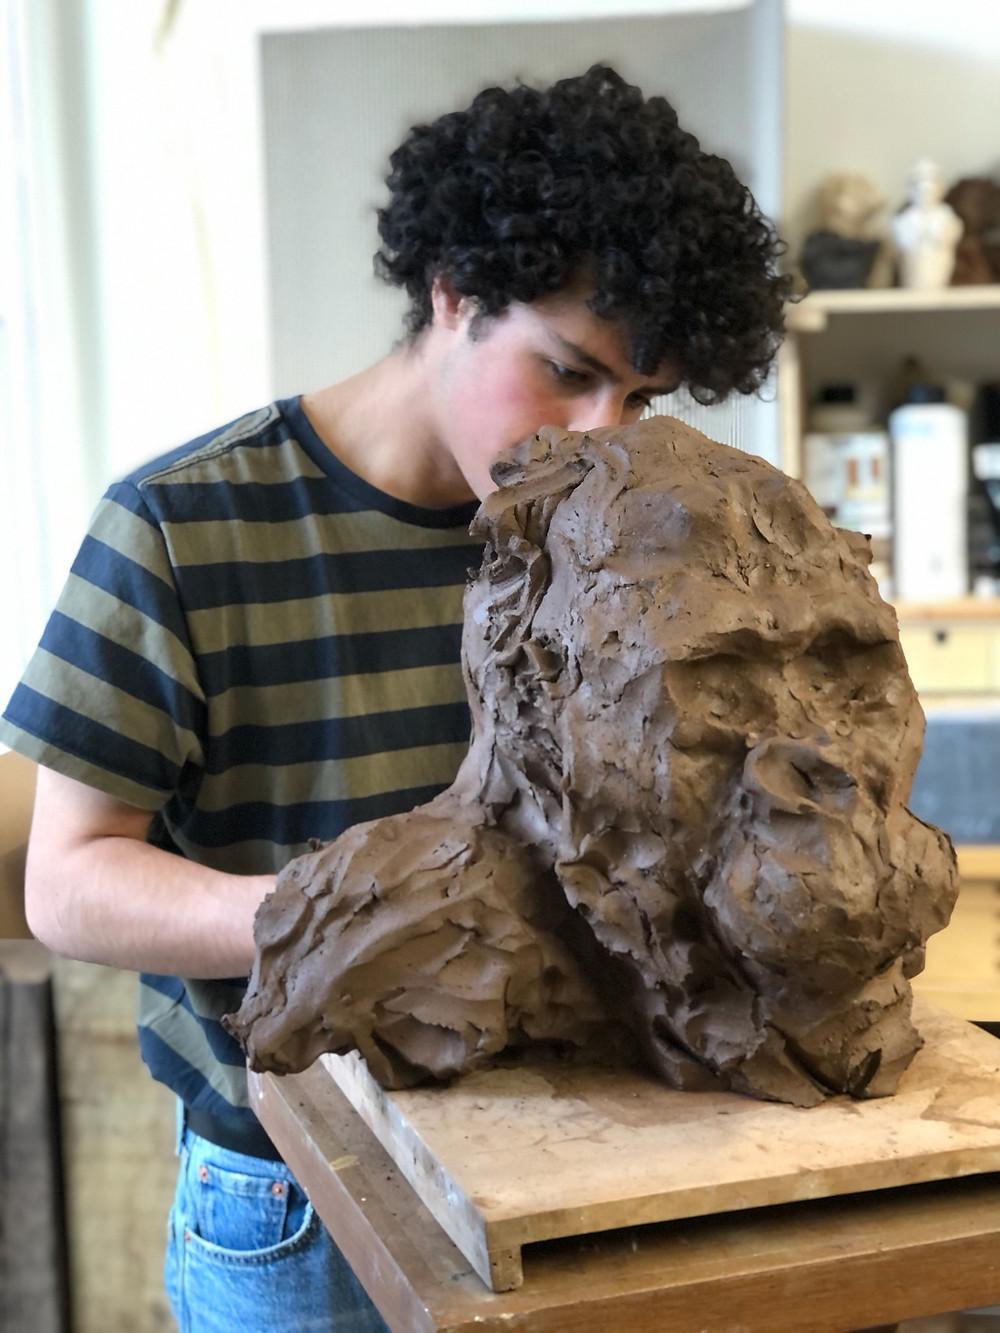 Photo portrait de Ronceval, jeune sculpteur céramique. Artiste. Céramique animalière. Travaillant sur une œuvre : un gorille